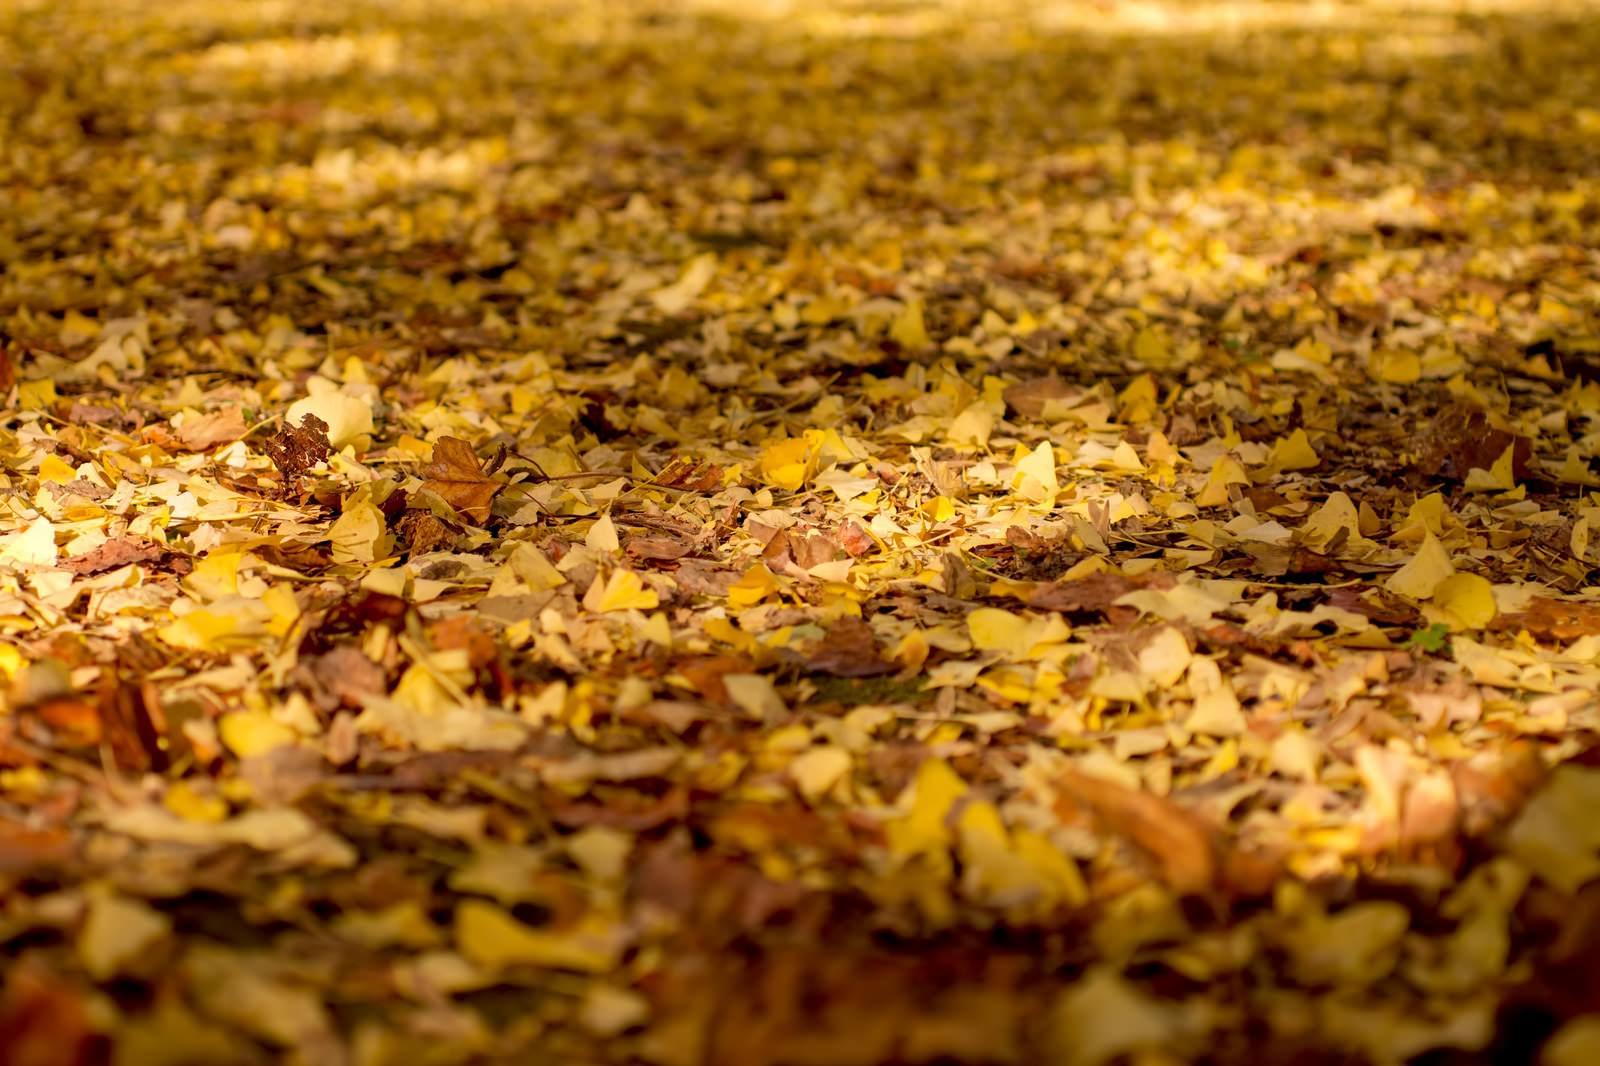 「銀杏の落ち葉」の写真